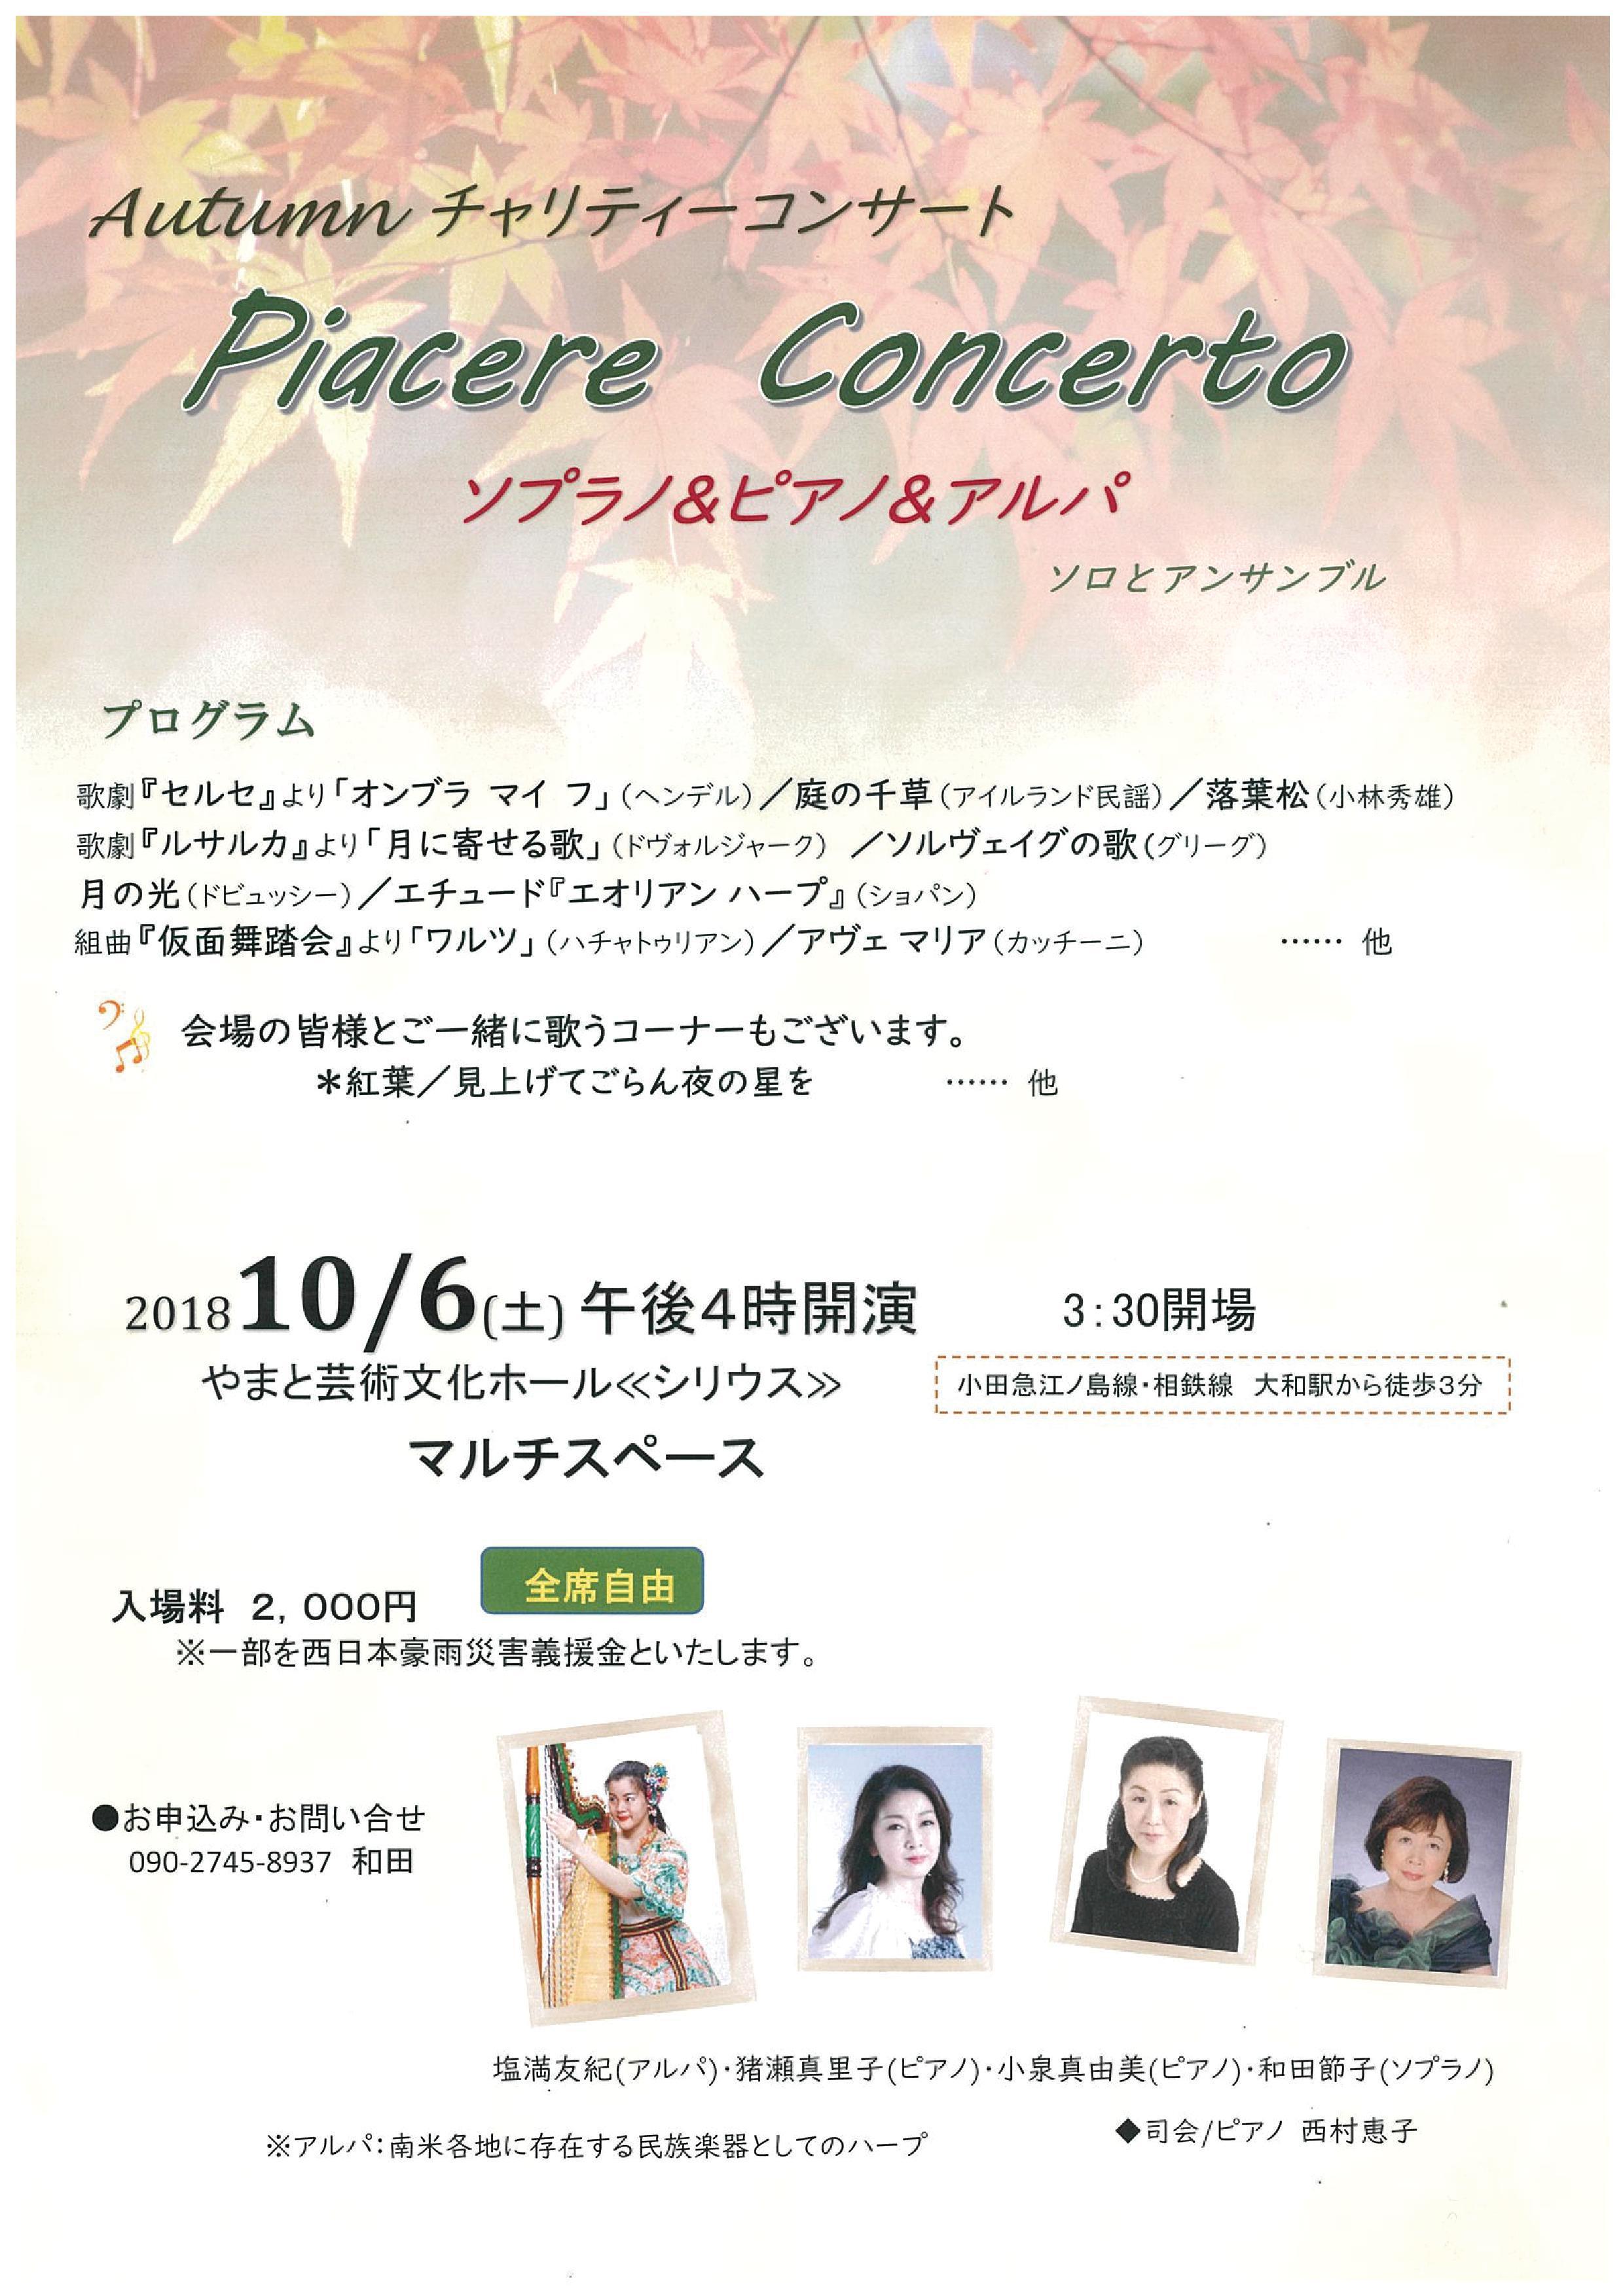 <ソプラノ&ピアノ&アルパ>Piacere concerto